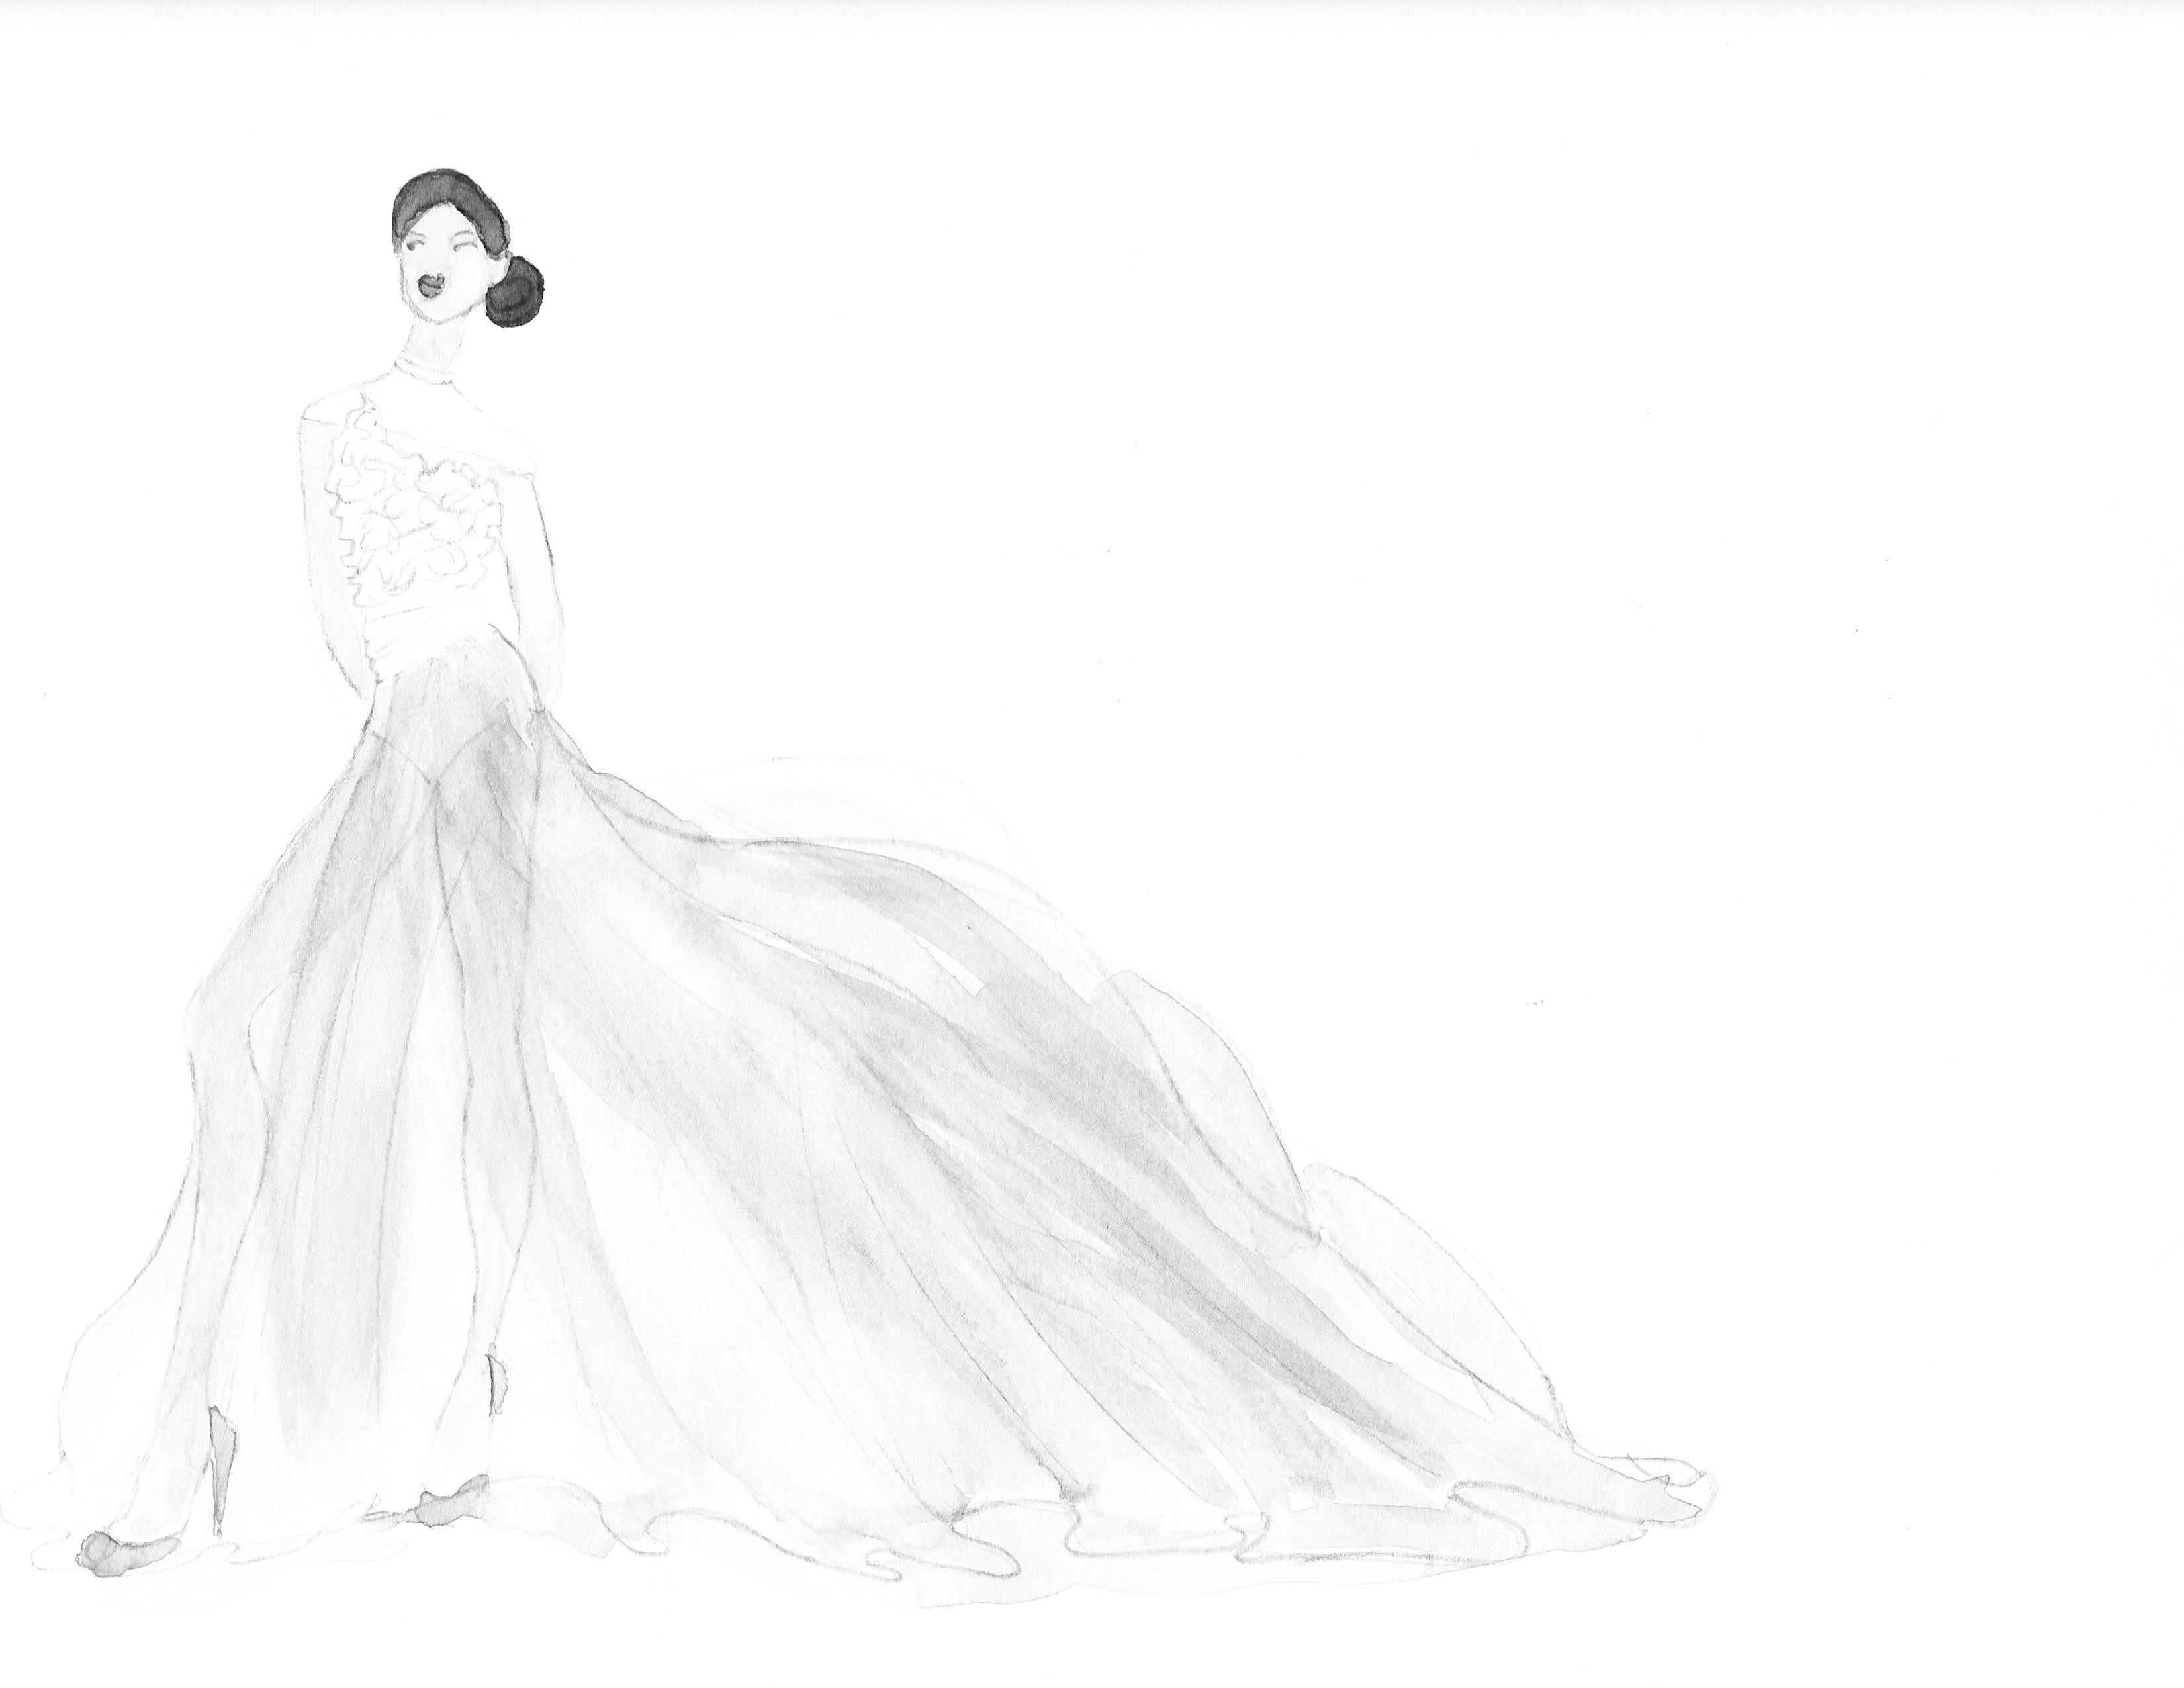 Embellished Watercolor - Sheer Elegance - image 2 - student project